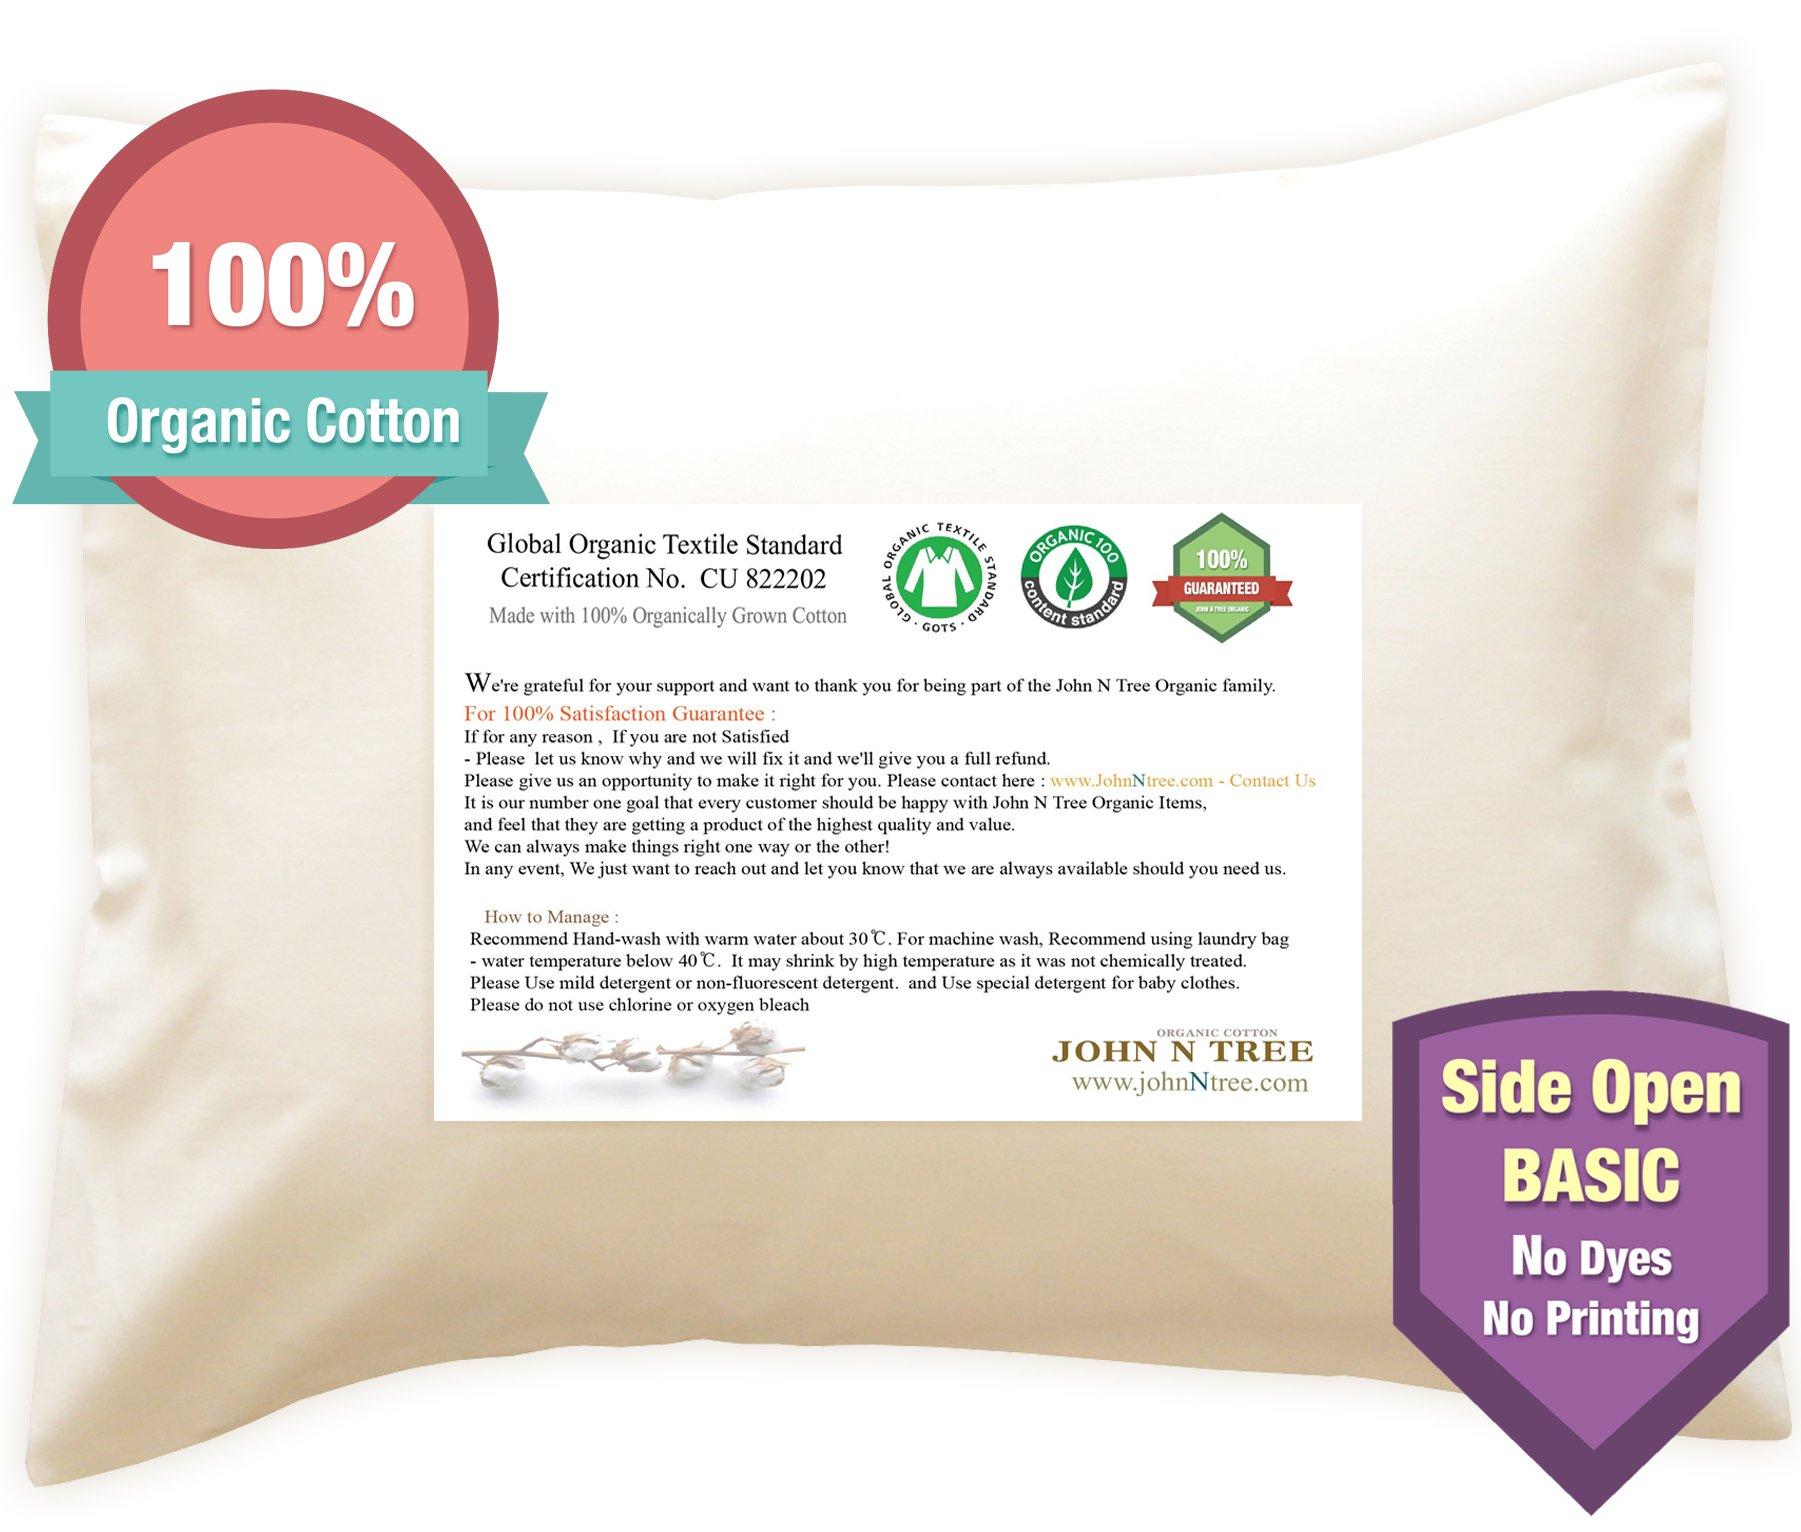 Toddler Pillow Case. No Dyeing, No Printing, 100% Organic - Global Organic Textile Standard